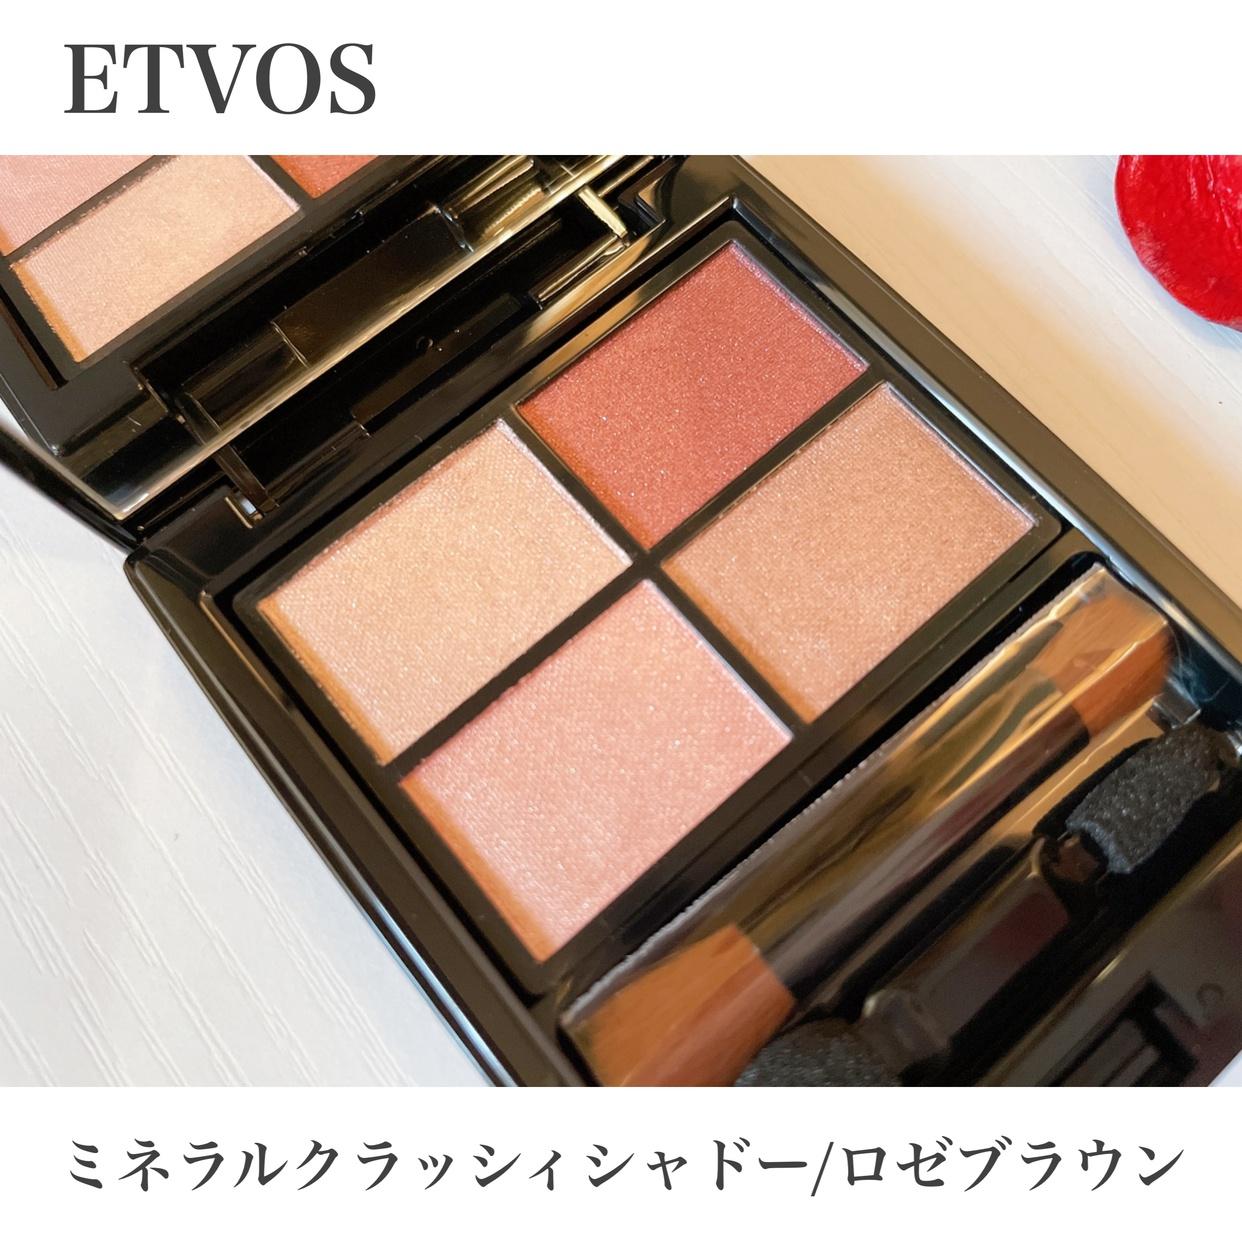 ETVOS(エトヴォス) ミネラルクラッシィシャドーを使ったmaa_kさんのクチコミ画像2